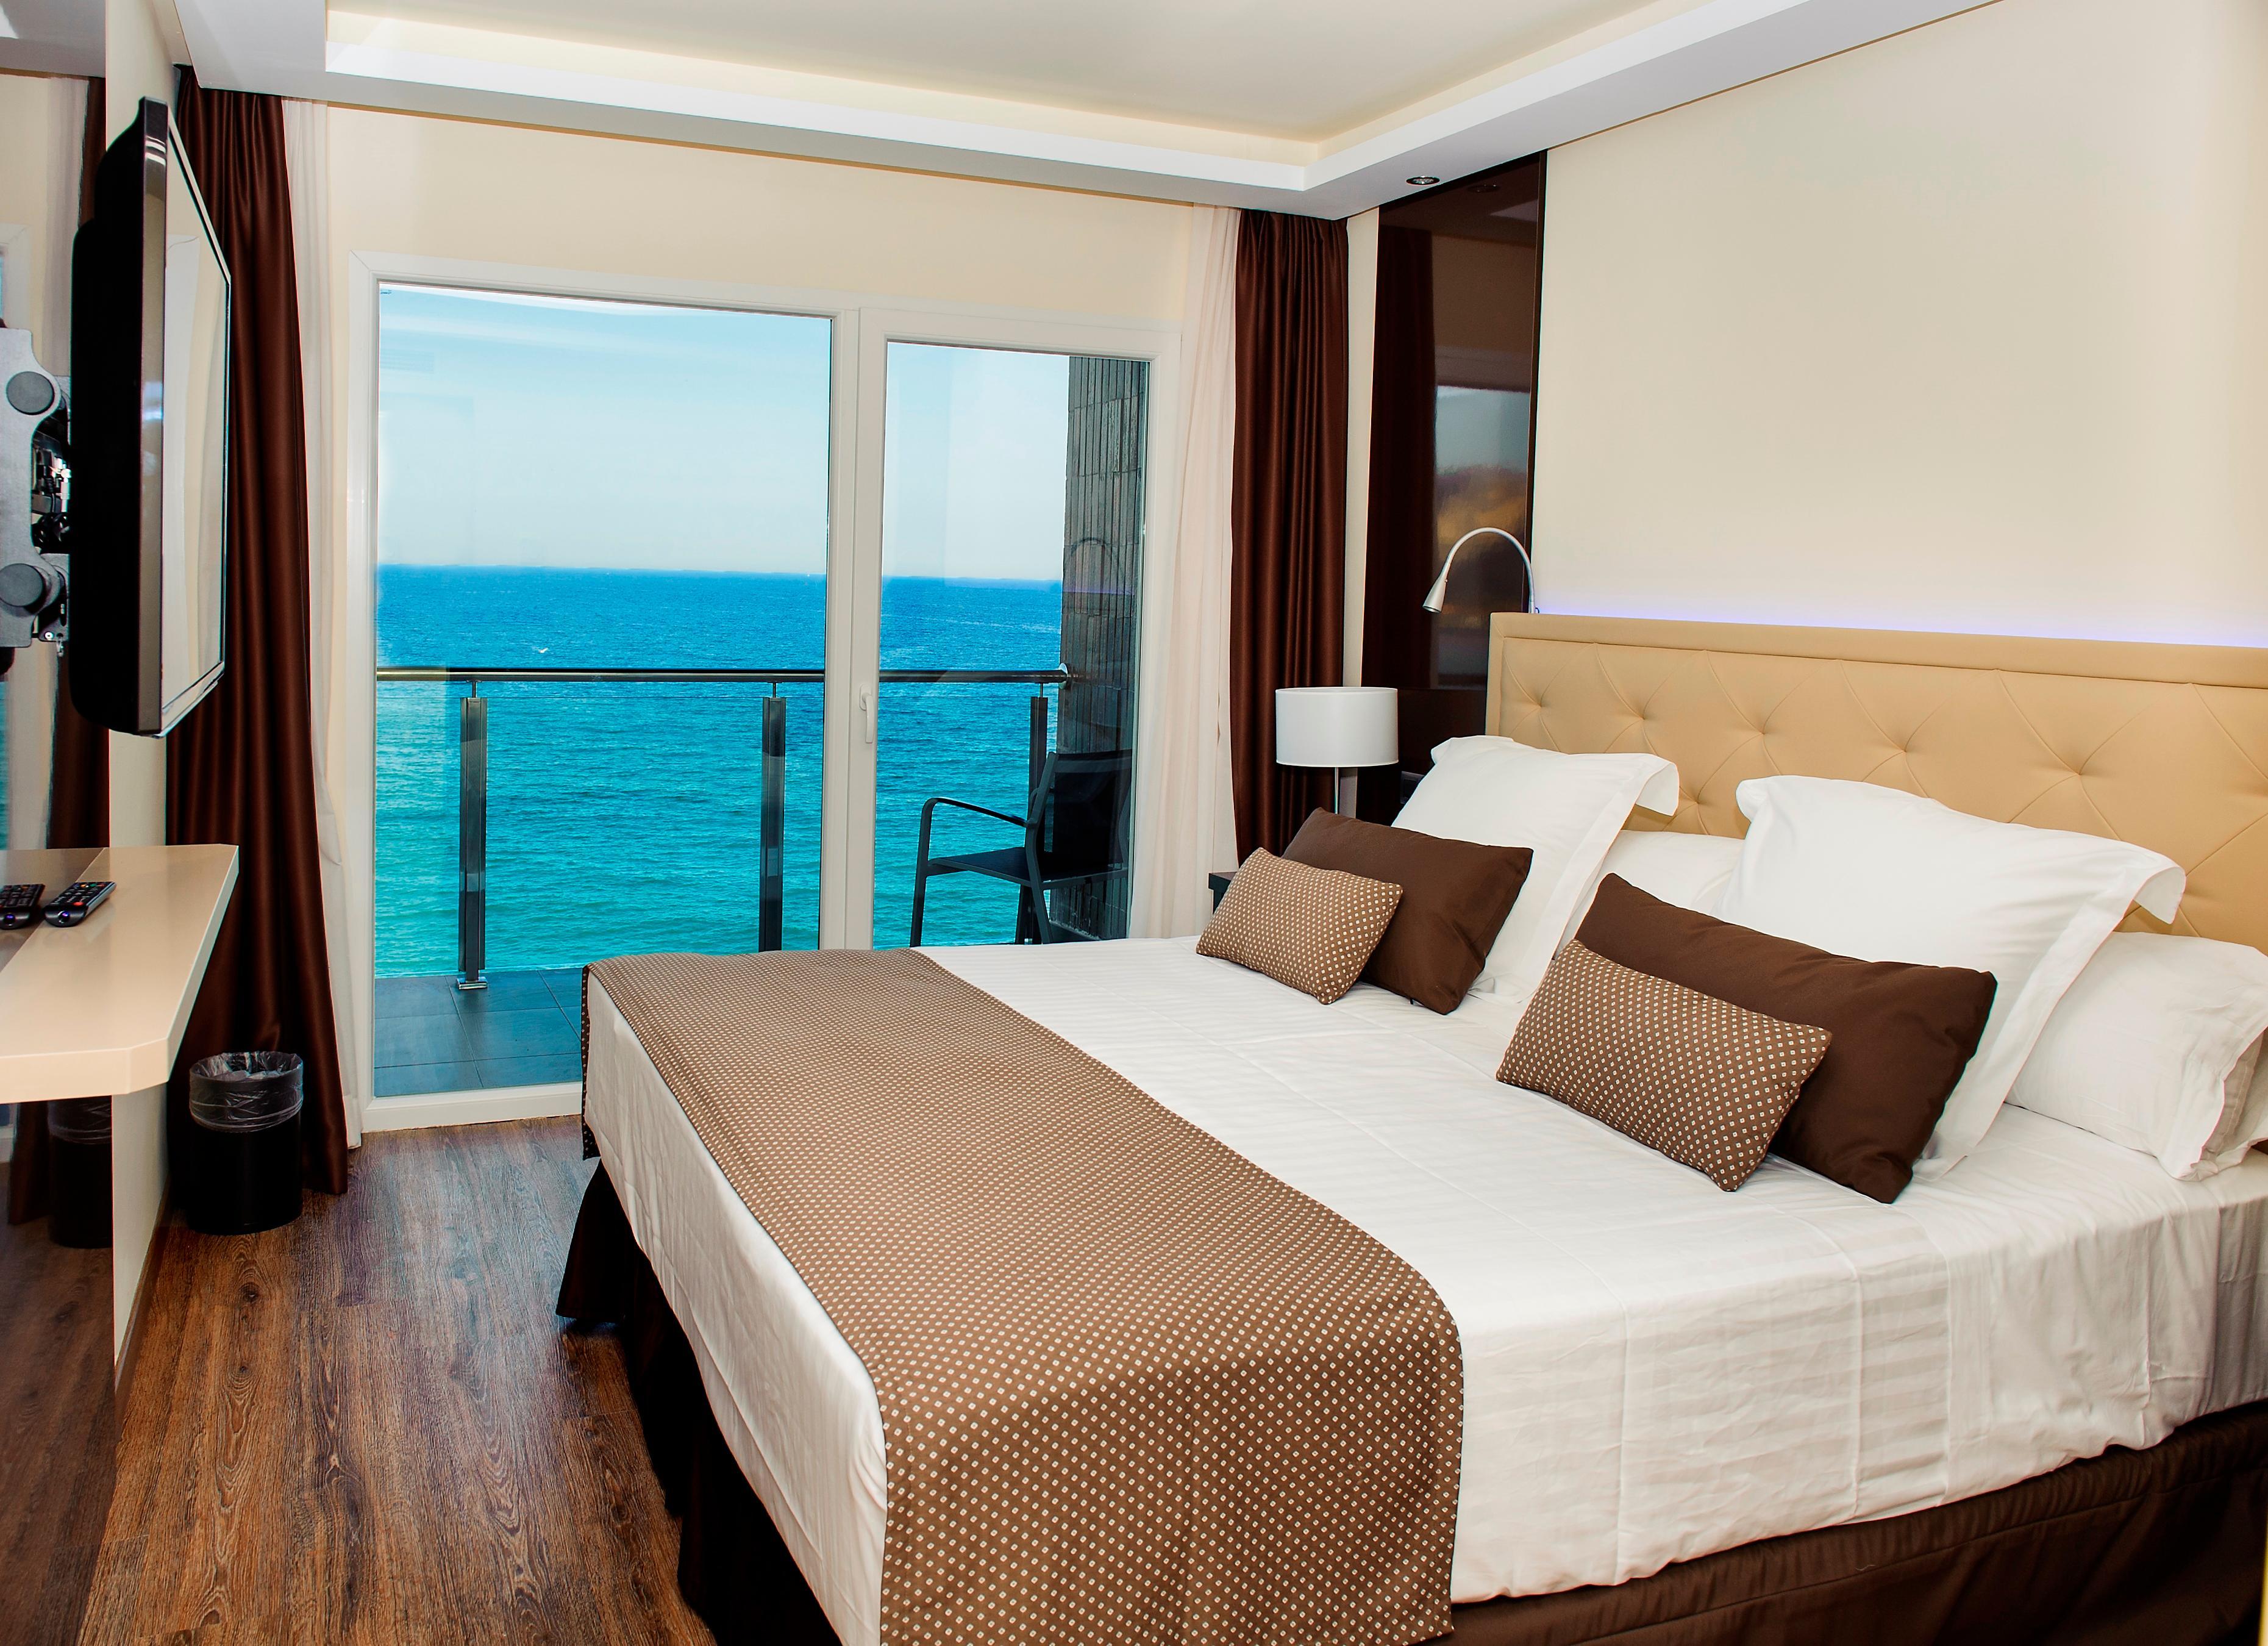 Испания аликанте отель мелиа аликанте цена